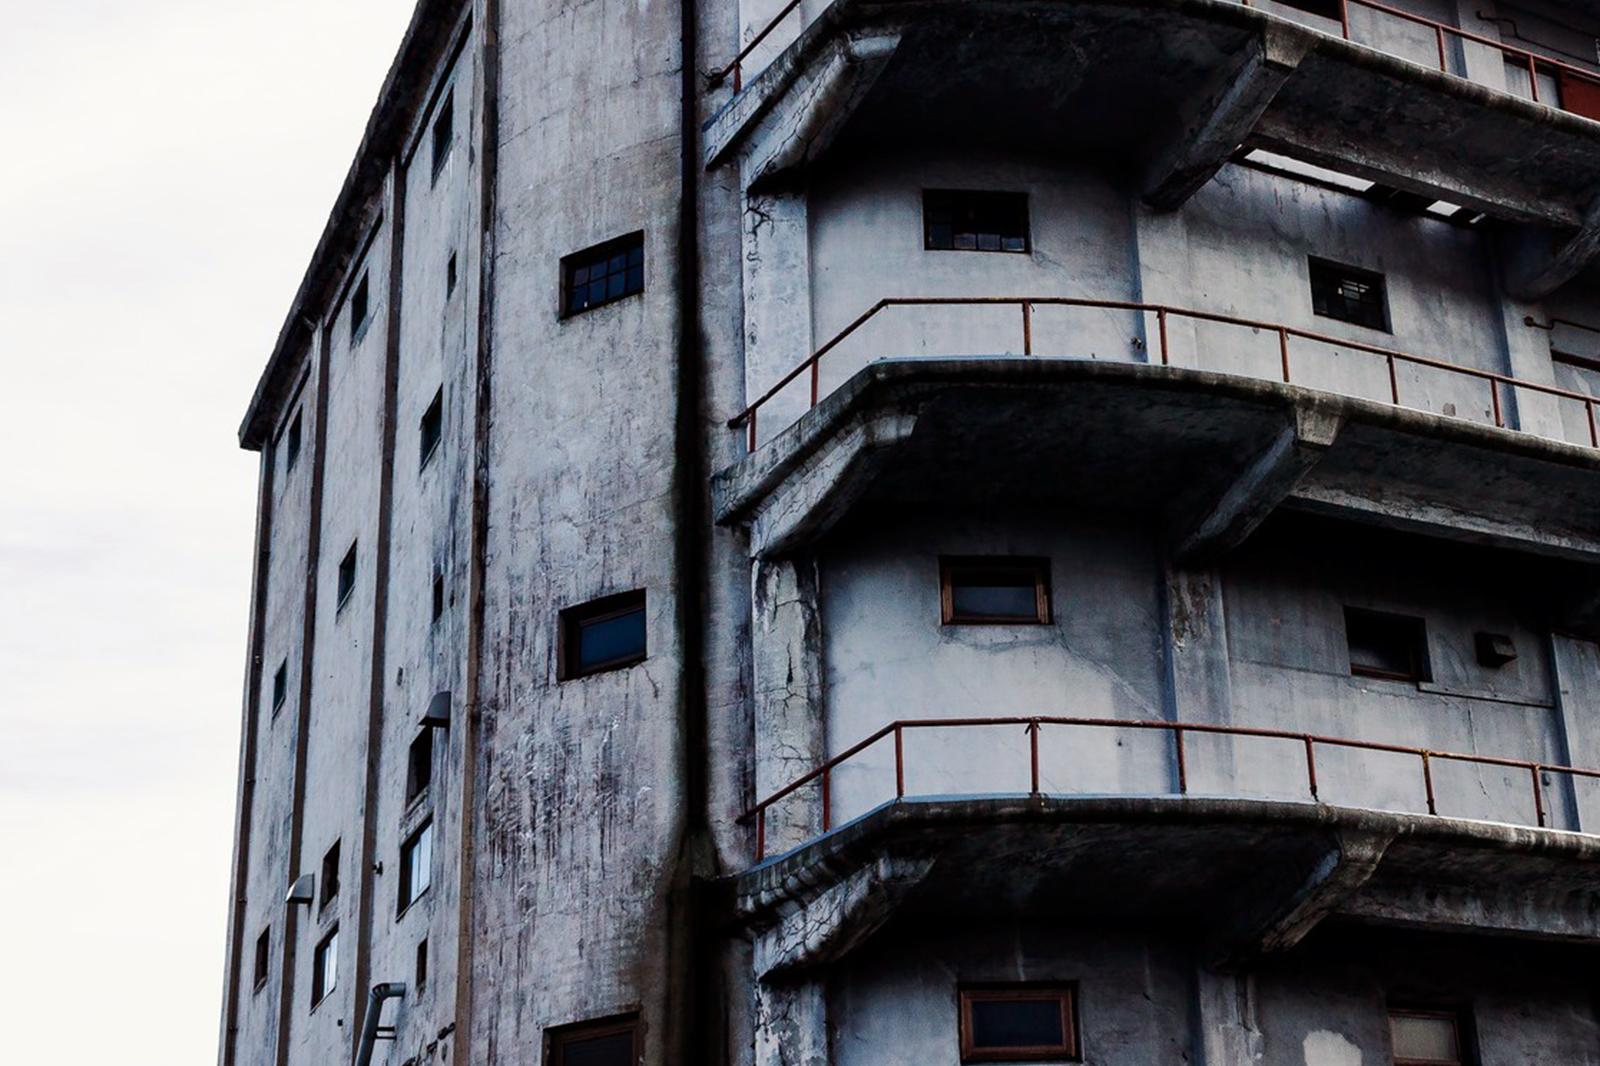 古い建物では24時間換気システムが搭載されていないので二酸化炭素濃度が上がりやすい傾向にある